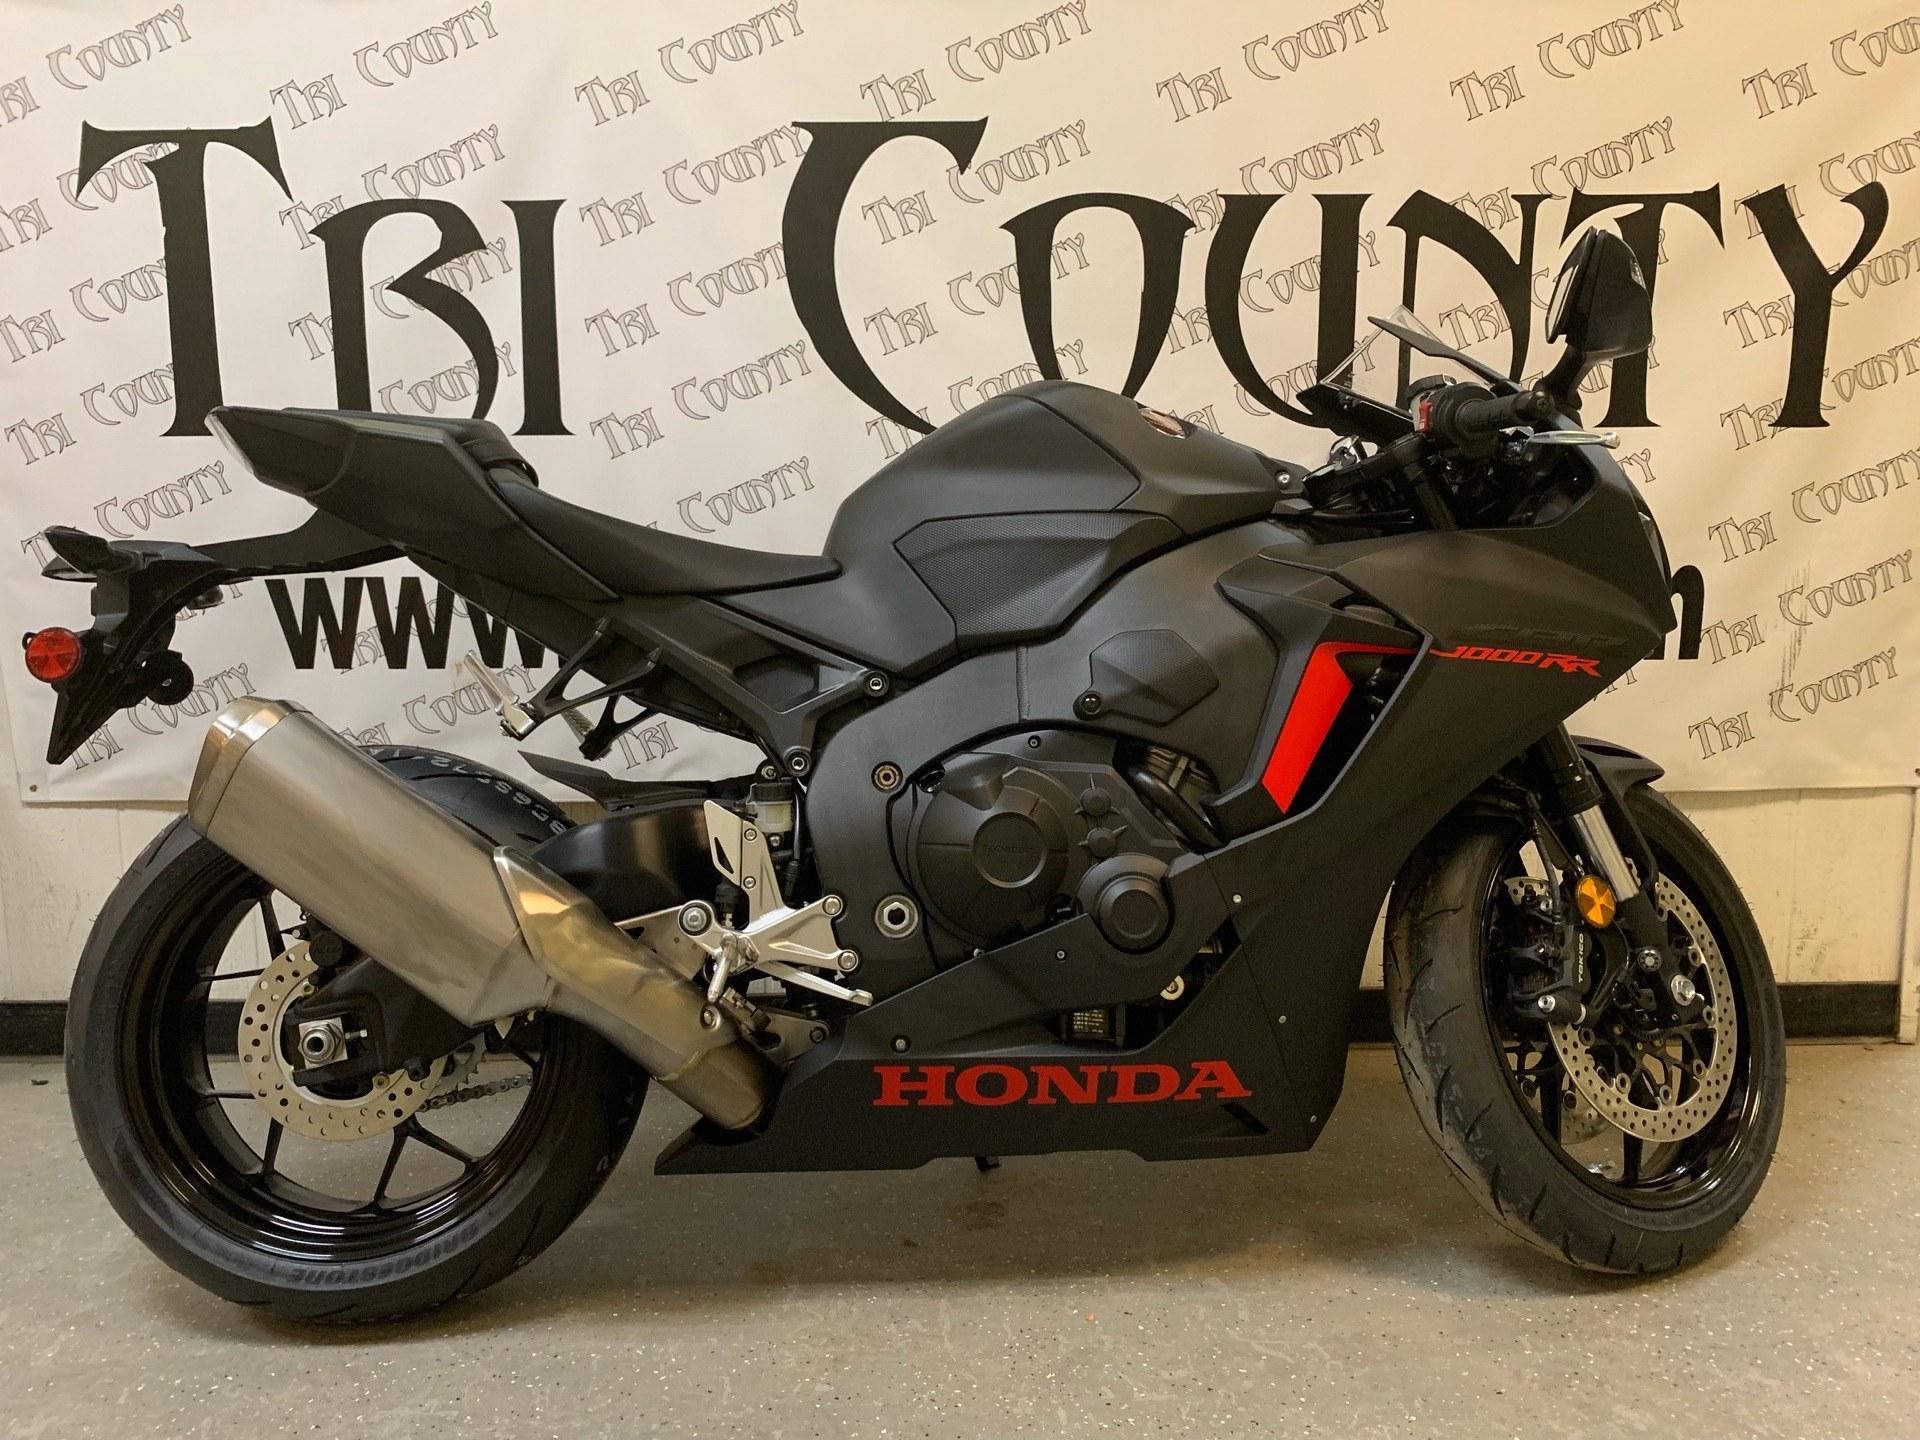 2018 Honda Cbr1000rr Motorcycles Petersburg West Virginia